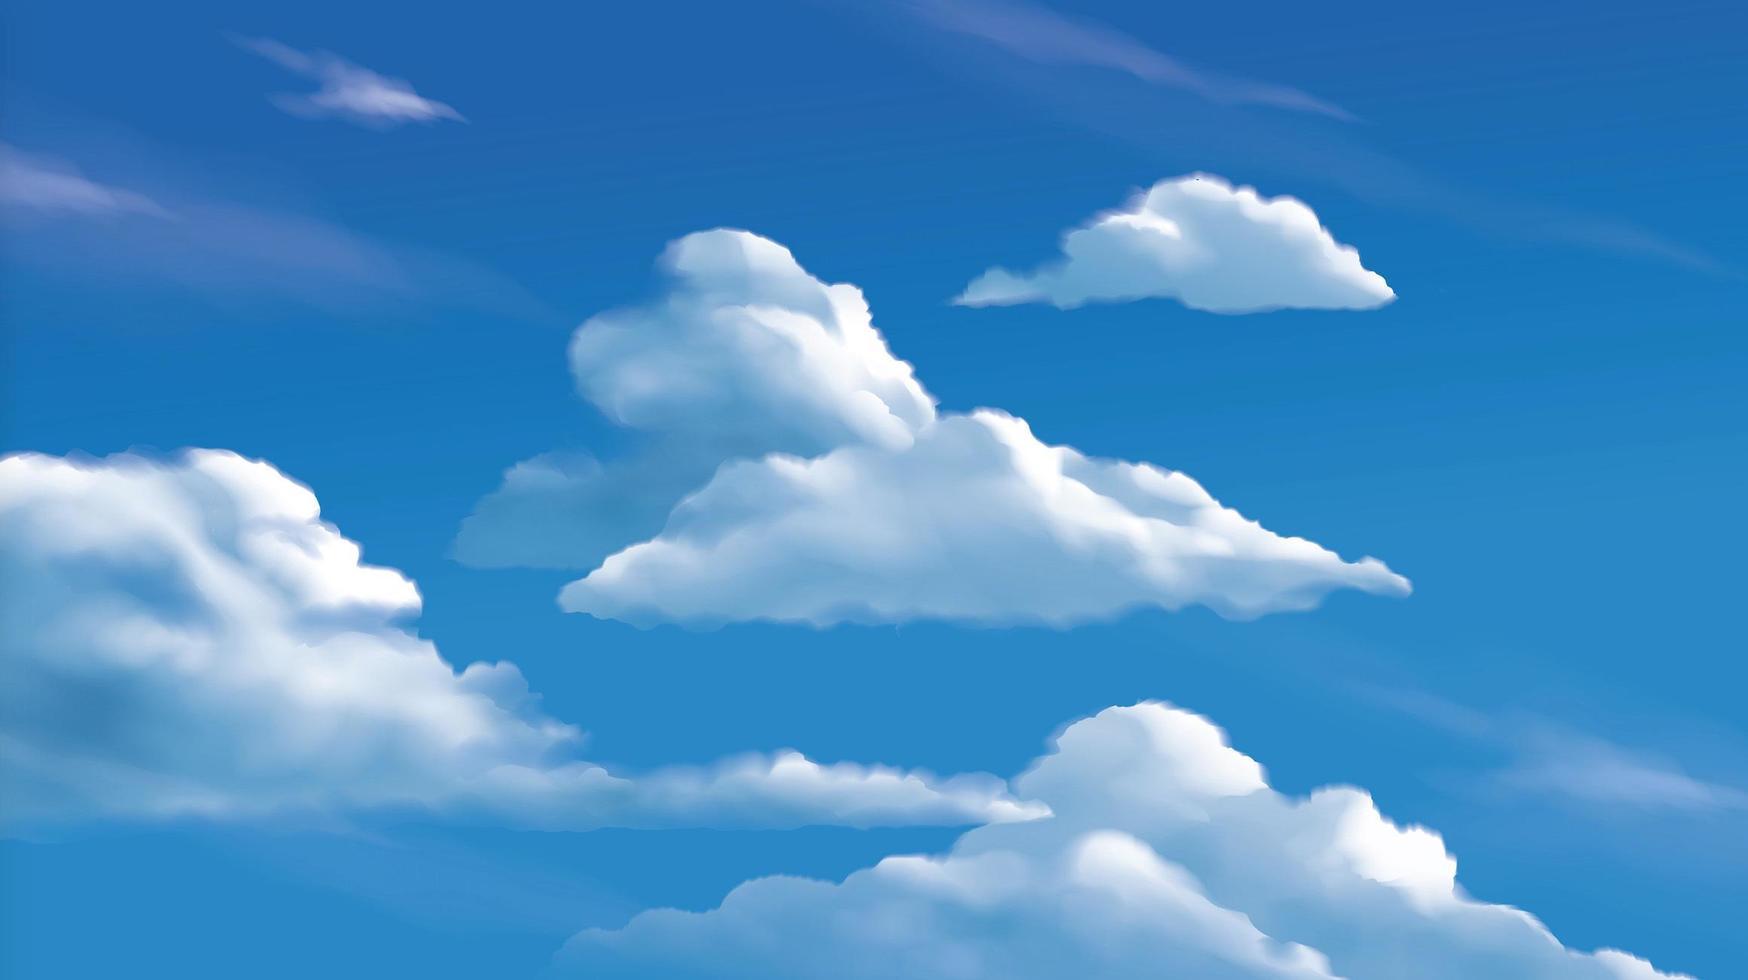 Nuages stratocumulus sur le ciel bleu vif vecteur